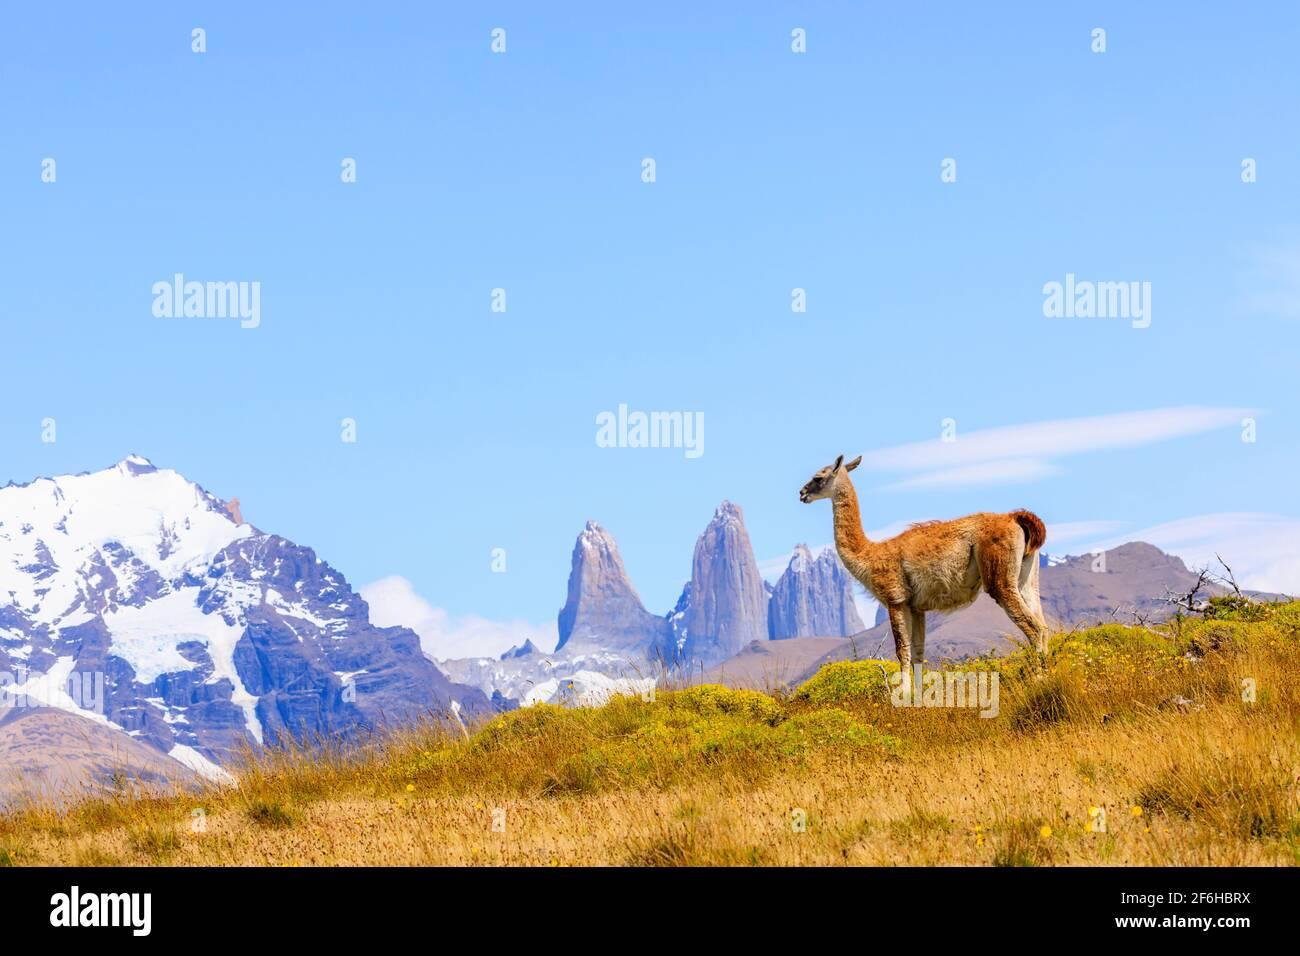 Guanaco (guanicoe lama) sur une colline à côté des tours Torres del Paine, parc national Torres del Paine, Ultima Esperanza, Patagonie, sud du Chili Banque D'Images